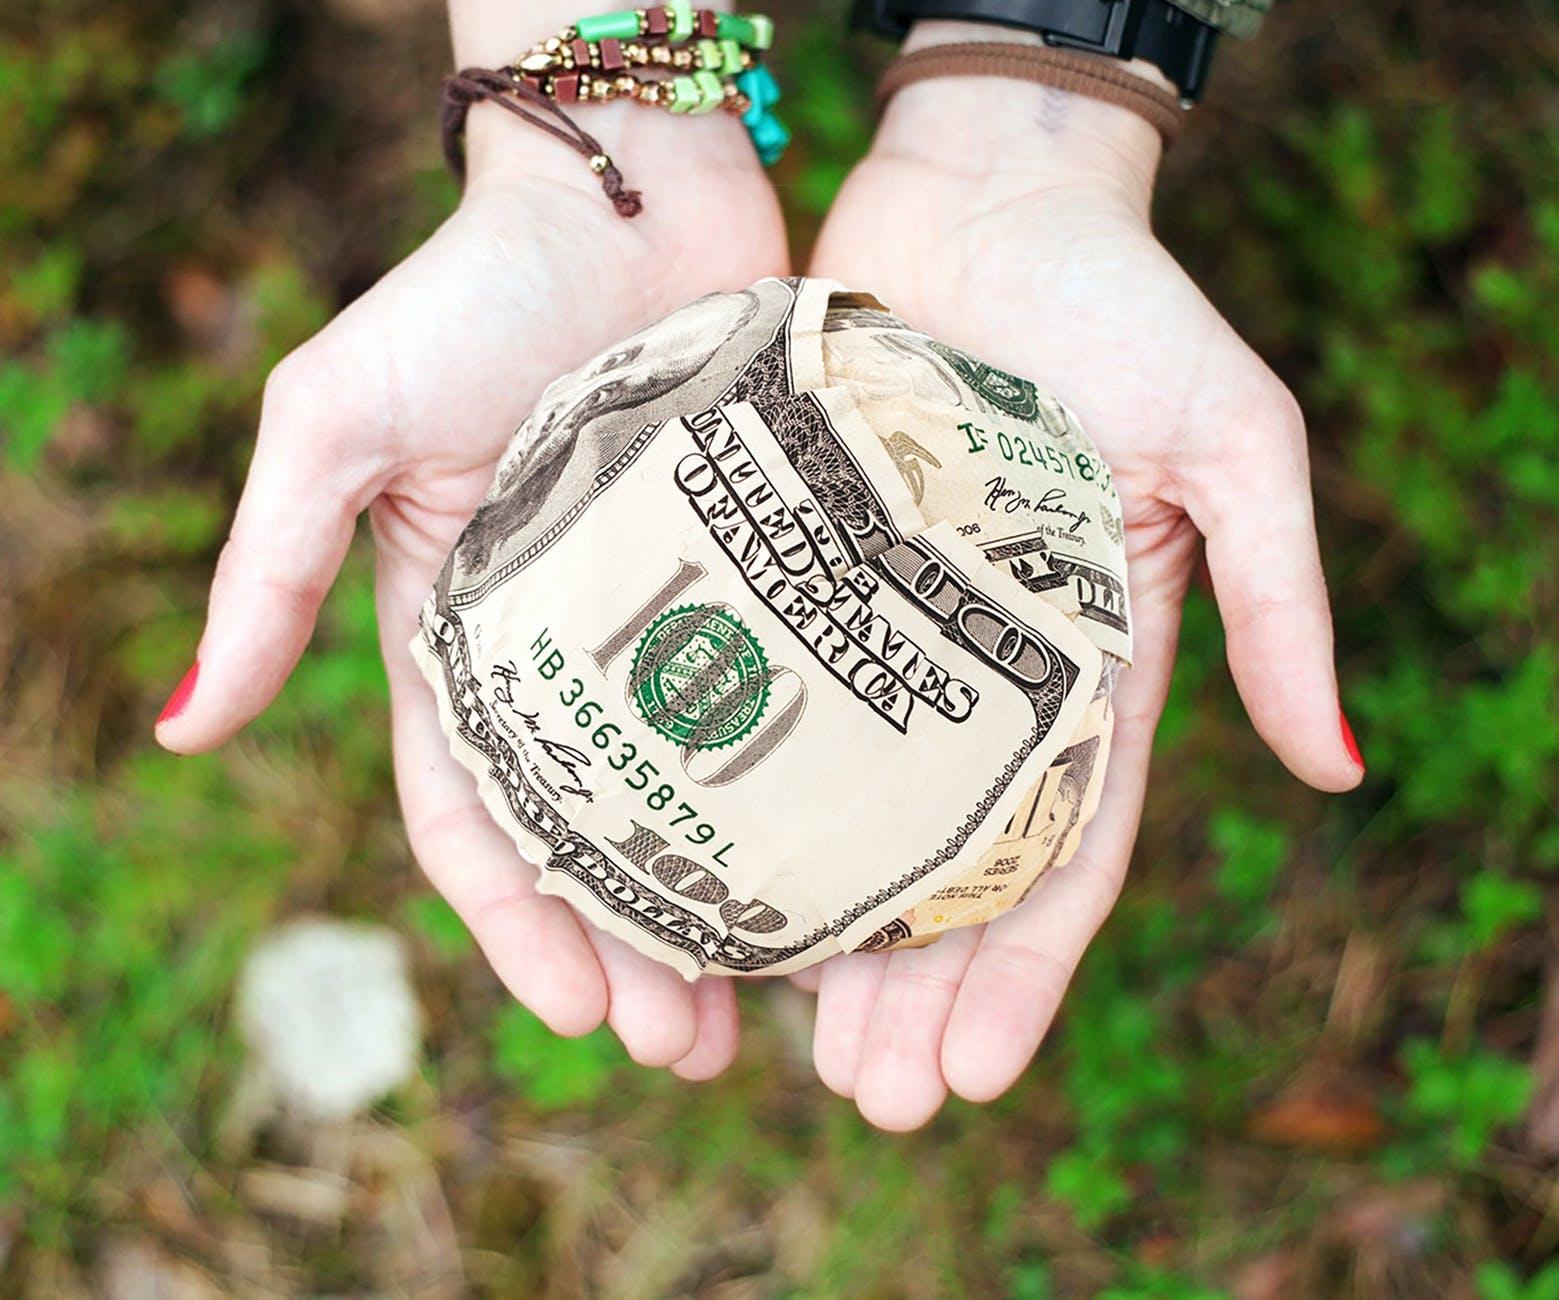 способи як законно вивести кошти з організації (ГО)